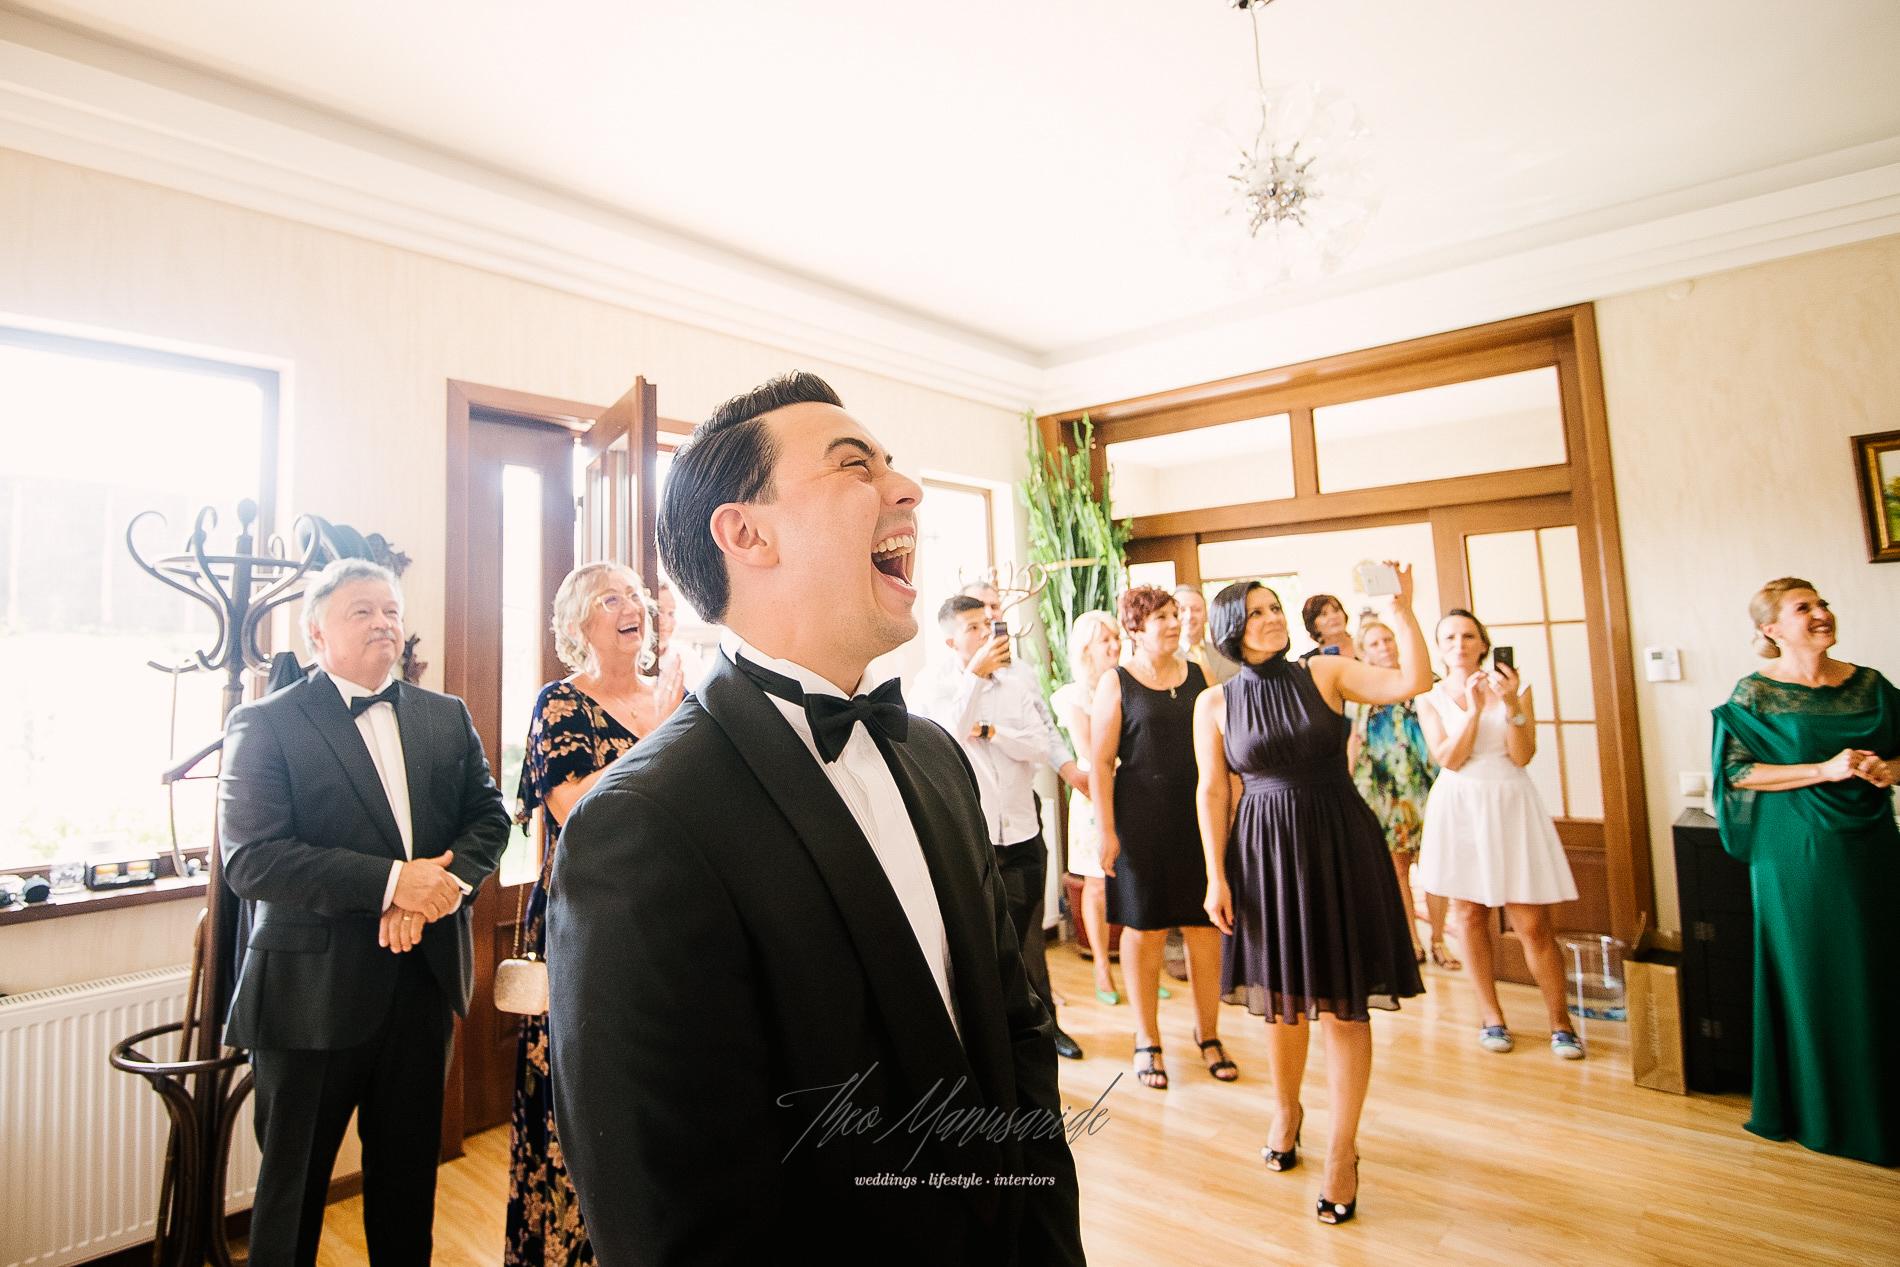 fotograf nunta biavati events-19-2